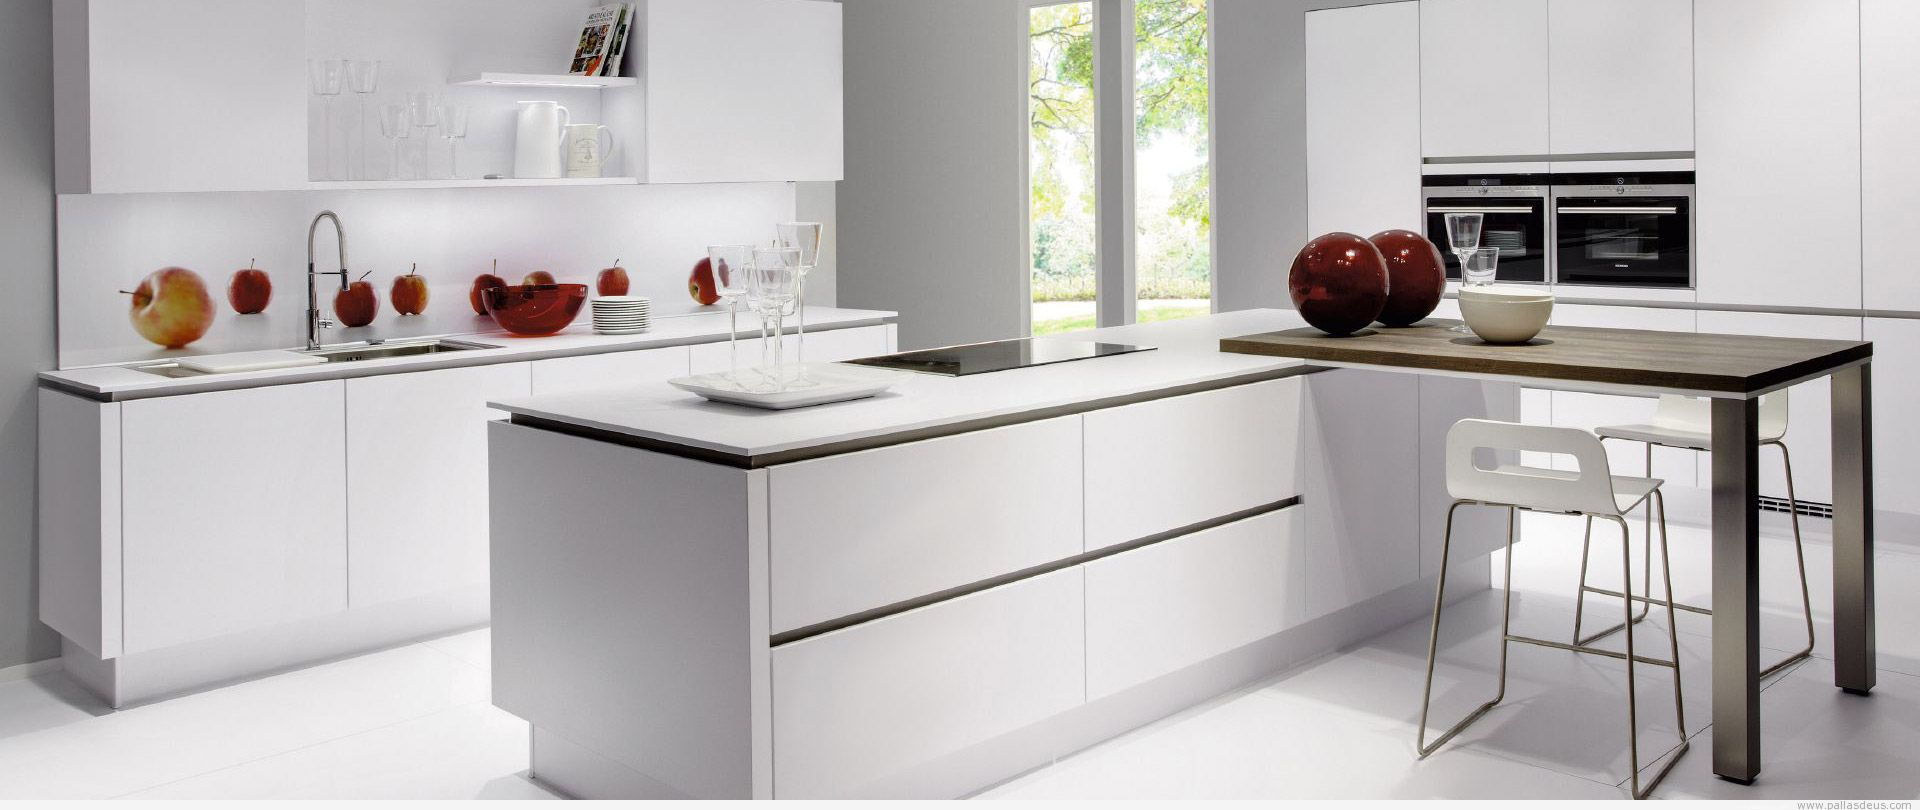 cocinas con cualquiera de nuestros modelos de puertas de cocina de